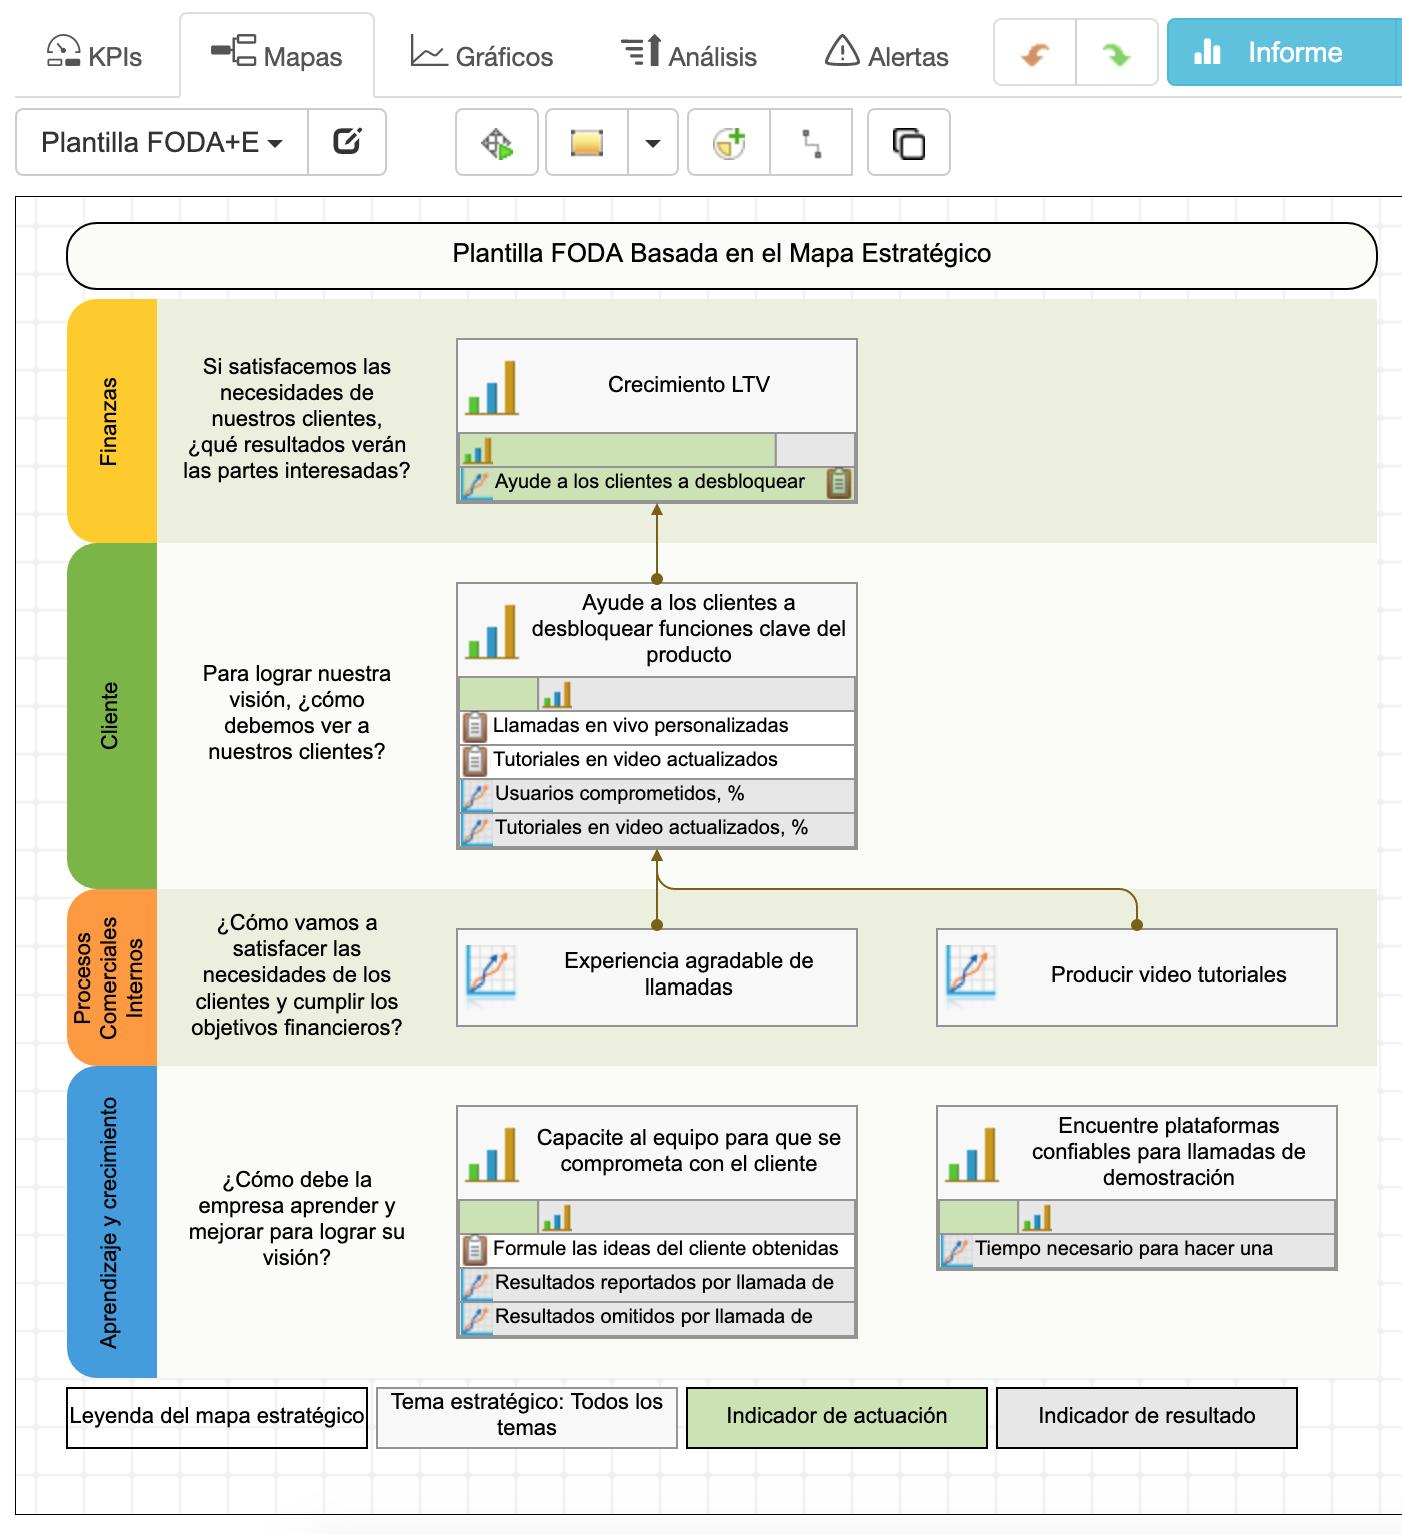 Los resultados del análisis FODA+E se convirtieron en un mapa estratégico